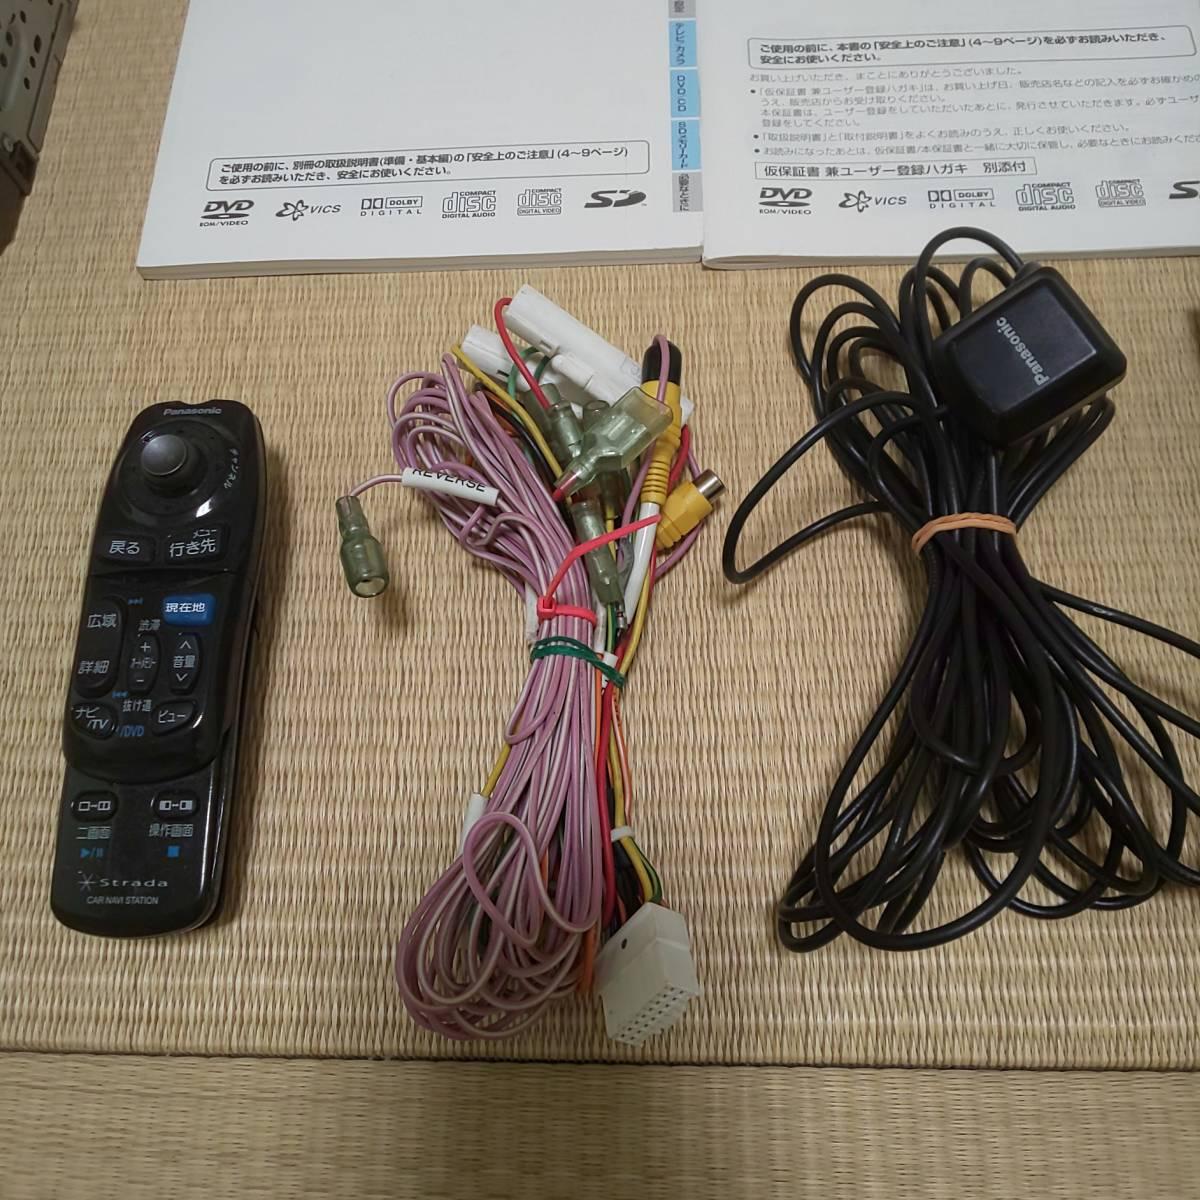 Panasonic strada CN-DV255FD DVDナビ_画像5